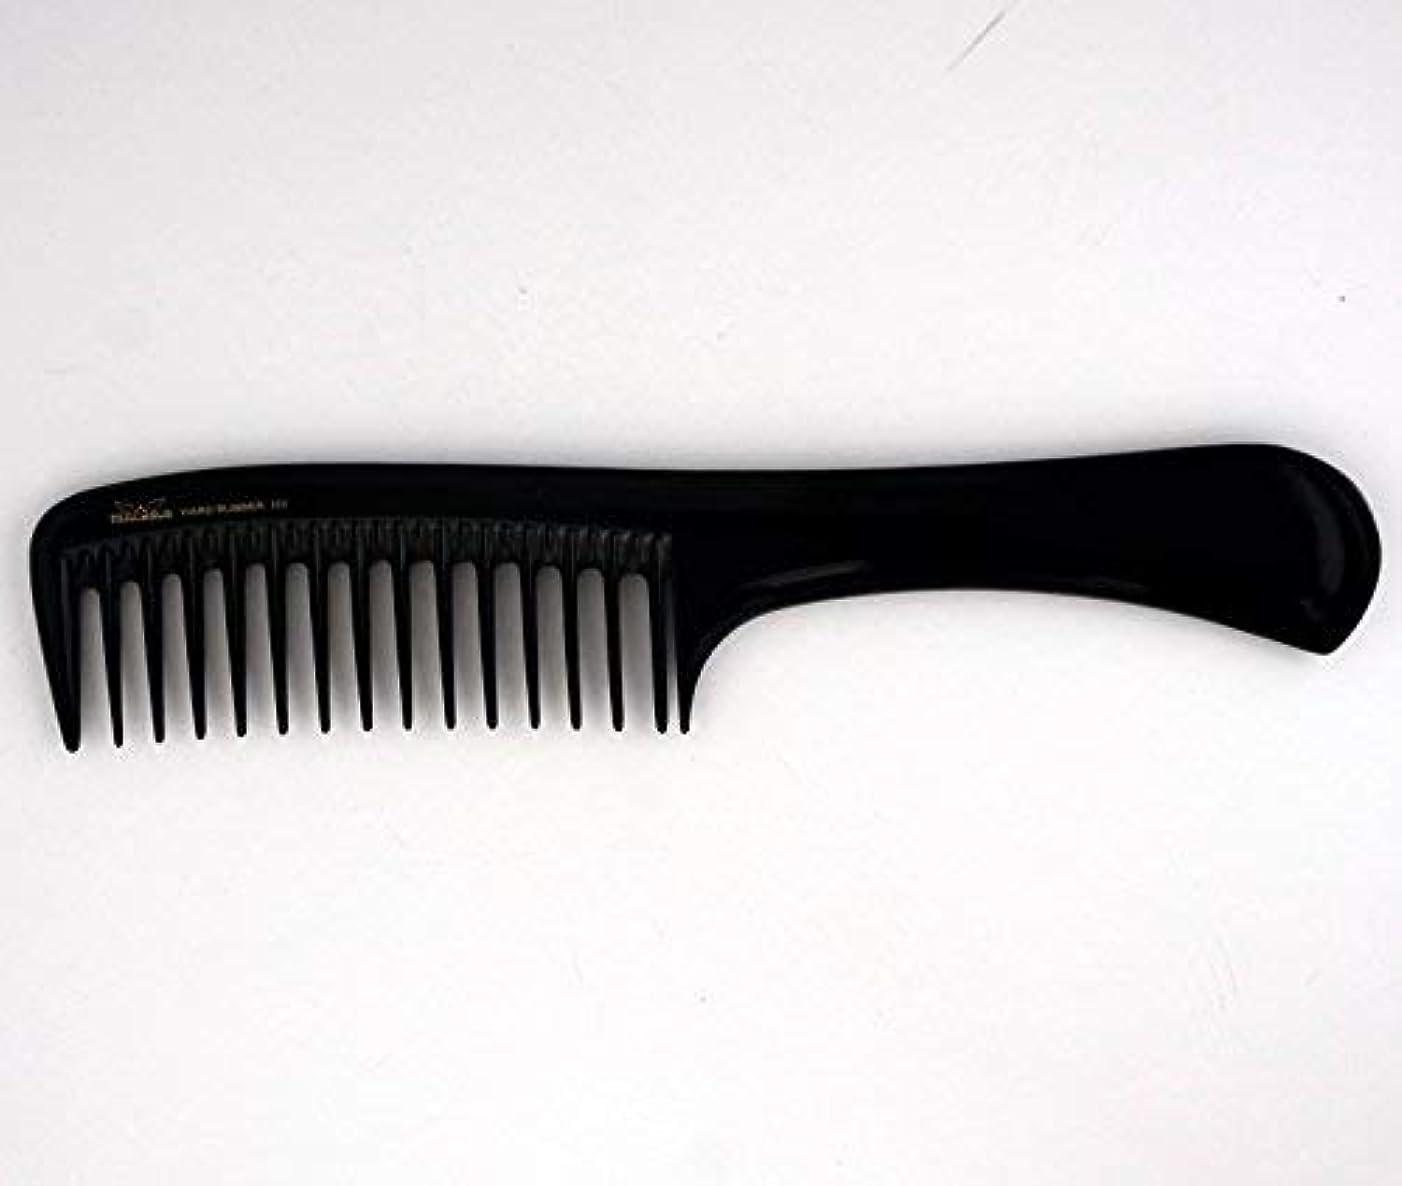 批評なる決定する9in, Hard Rubber, Wide Tooth Handle Comb [並行輸入品]